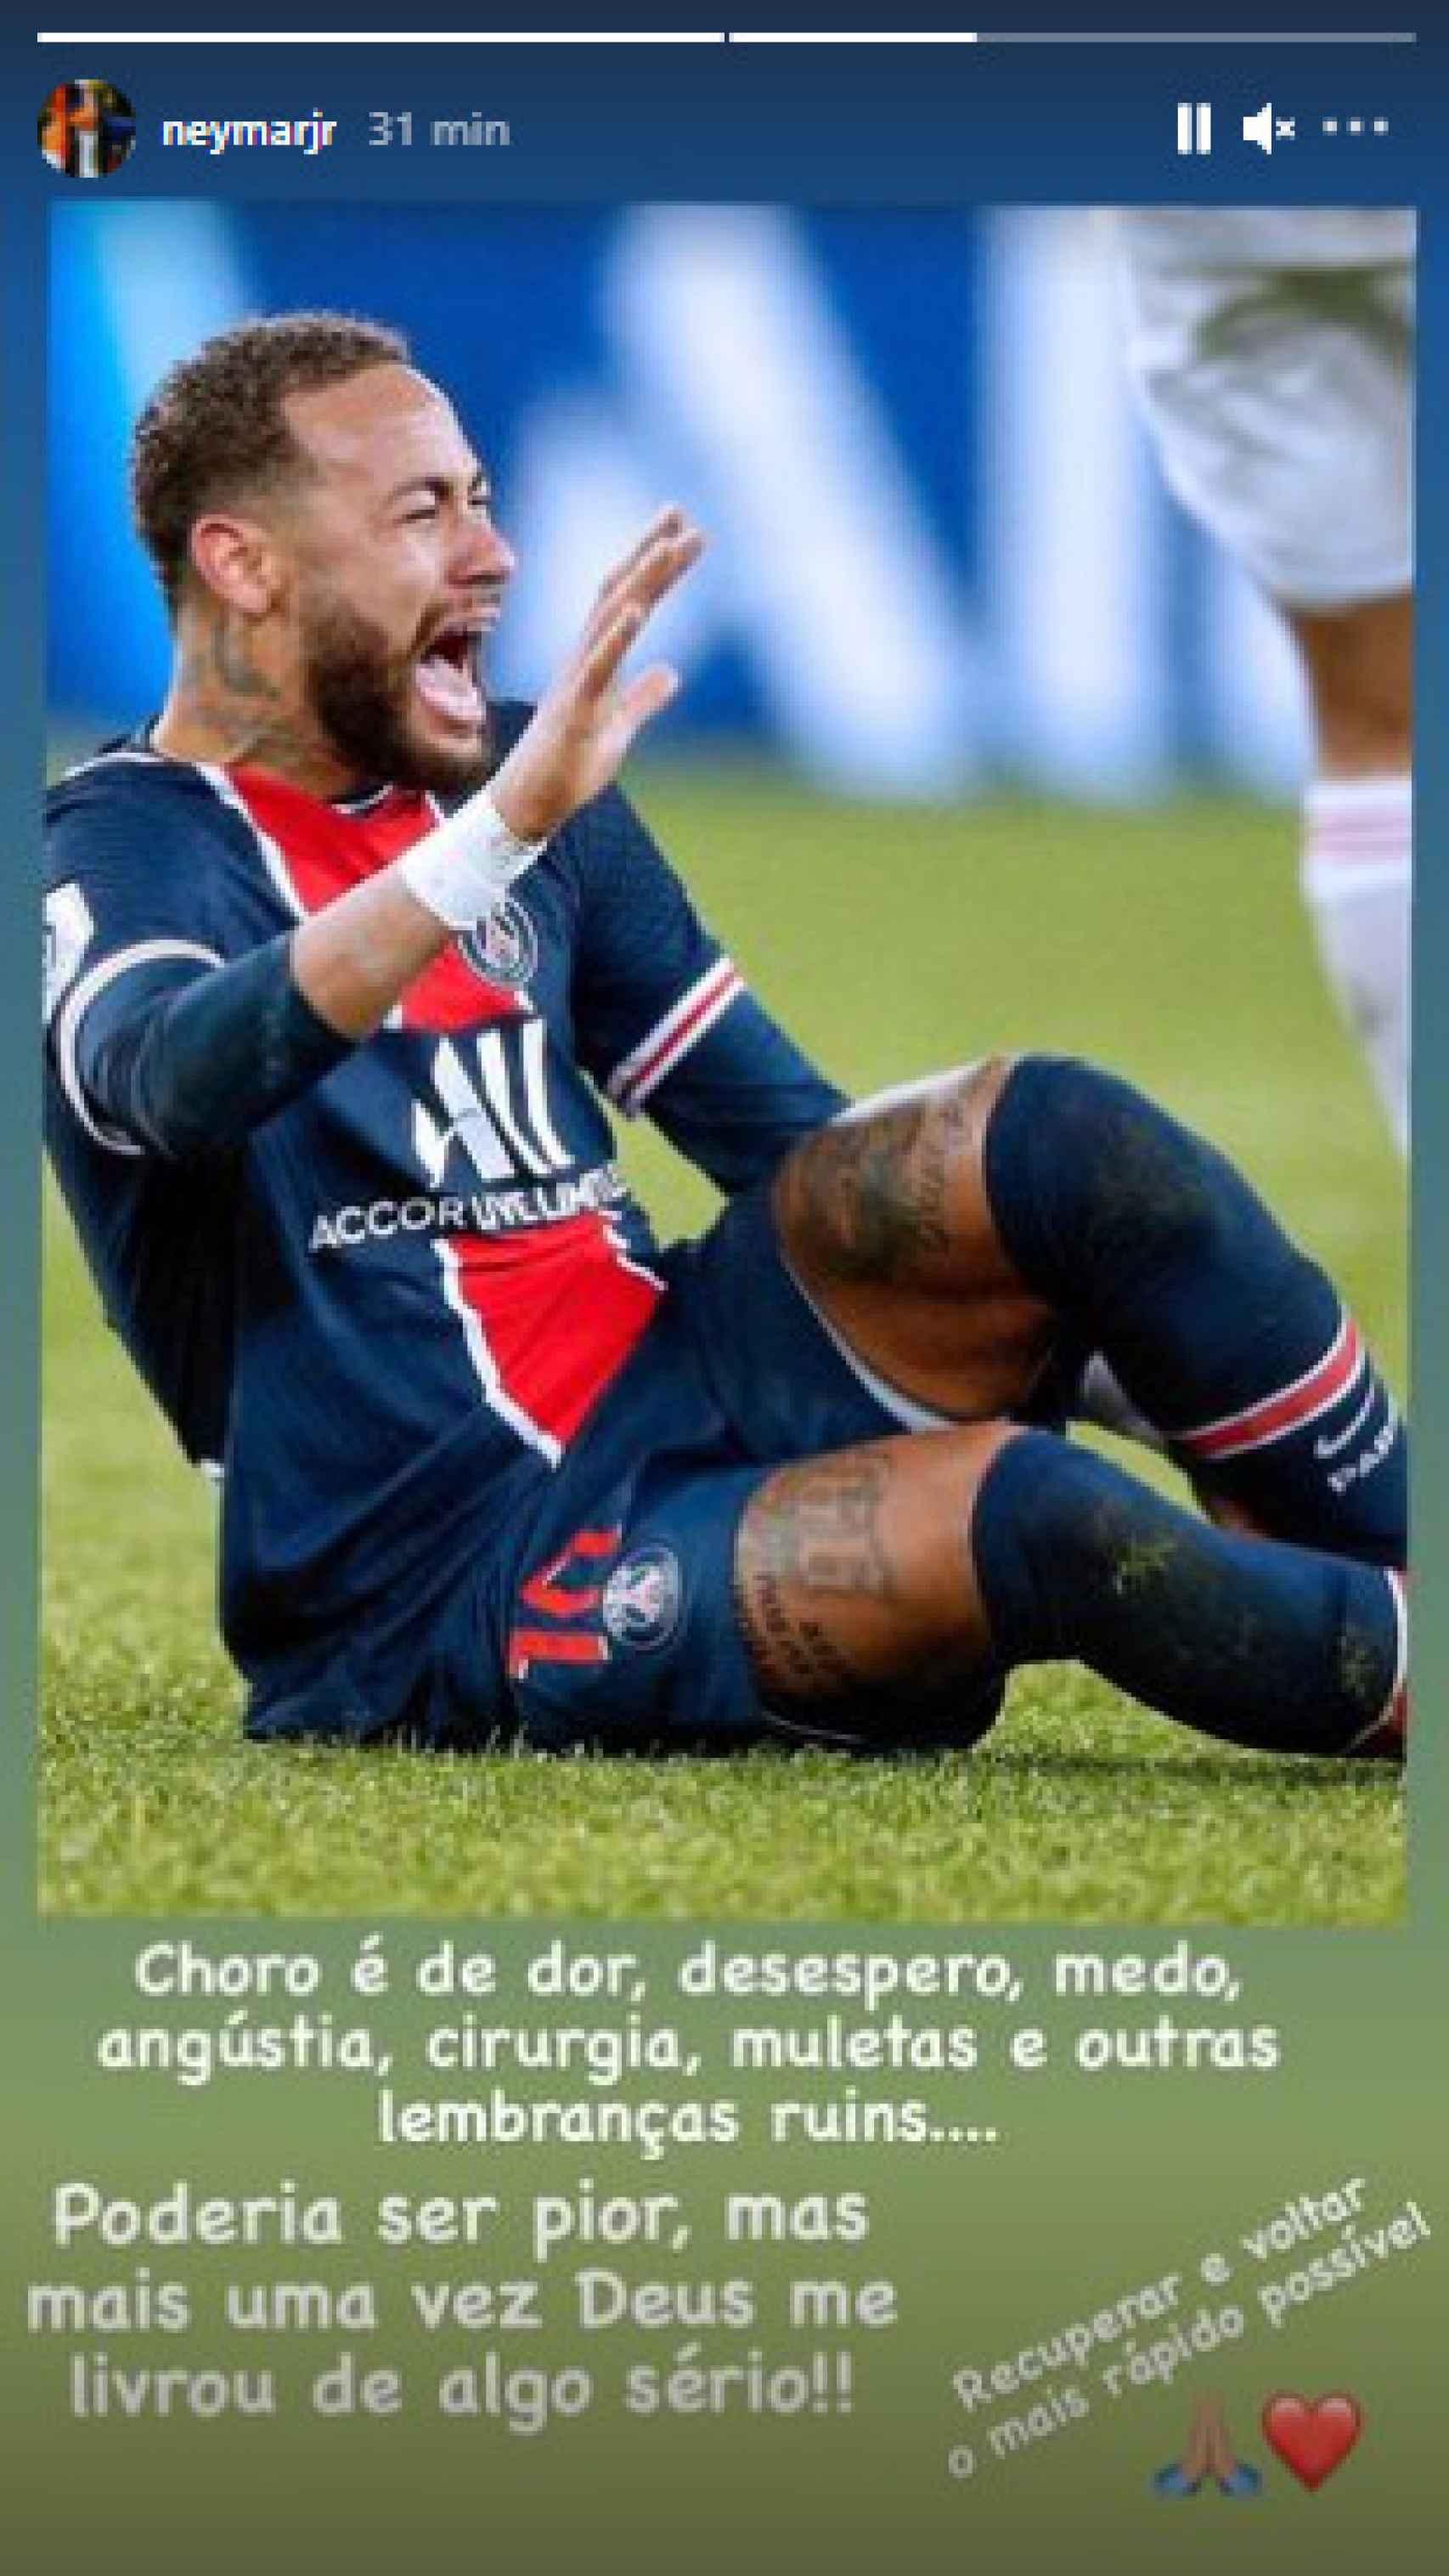 La publicación de Neymar en Instagram